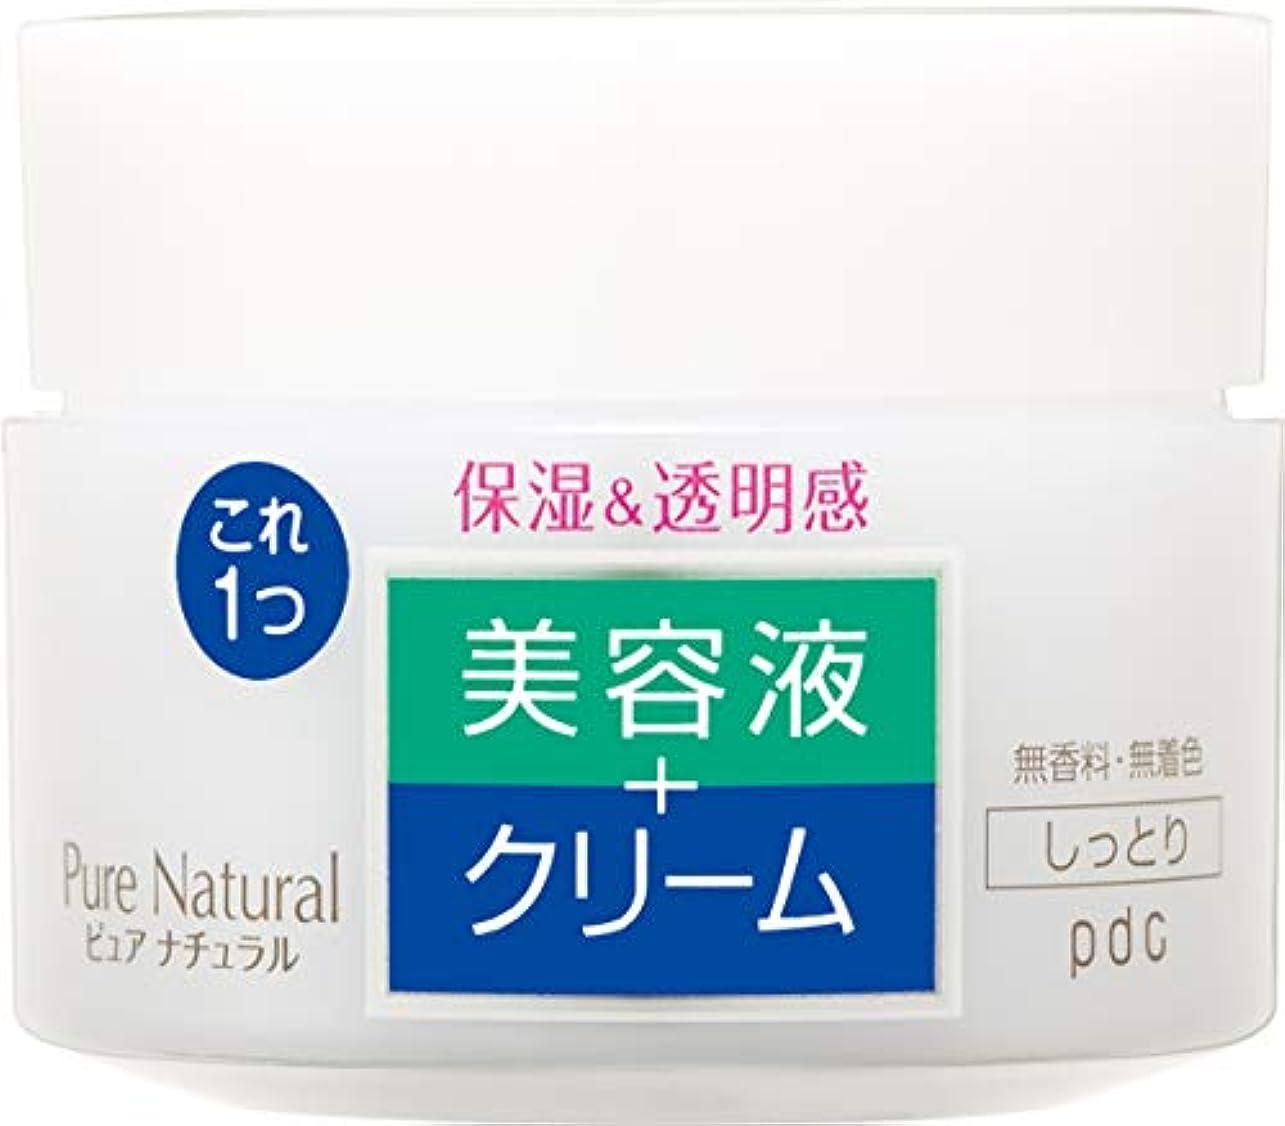 強盗解明ご飯Pure NATURAL(ピュアナチュラル) クリームエッセンス モイスト 100g